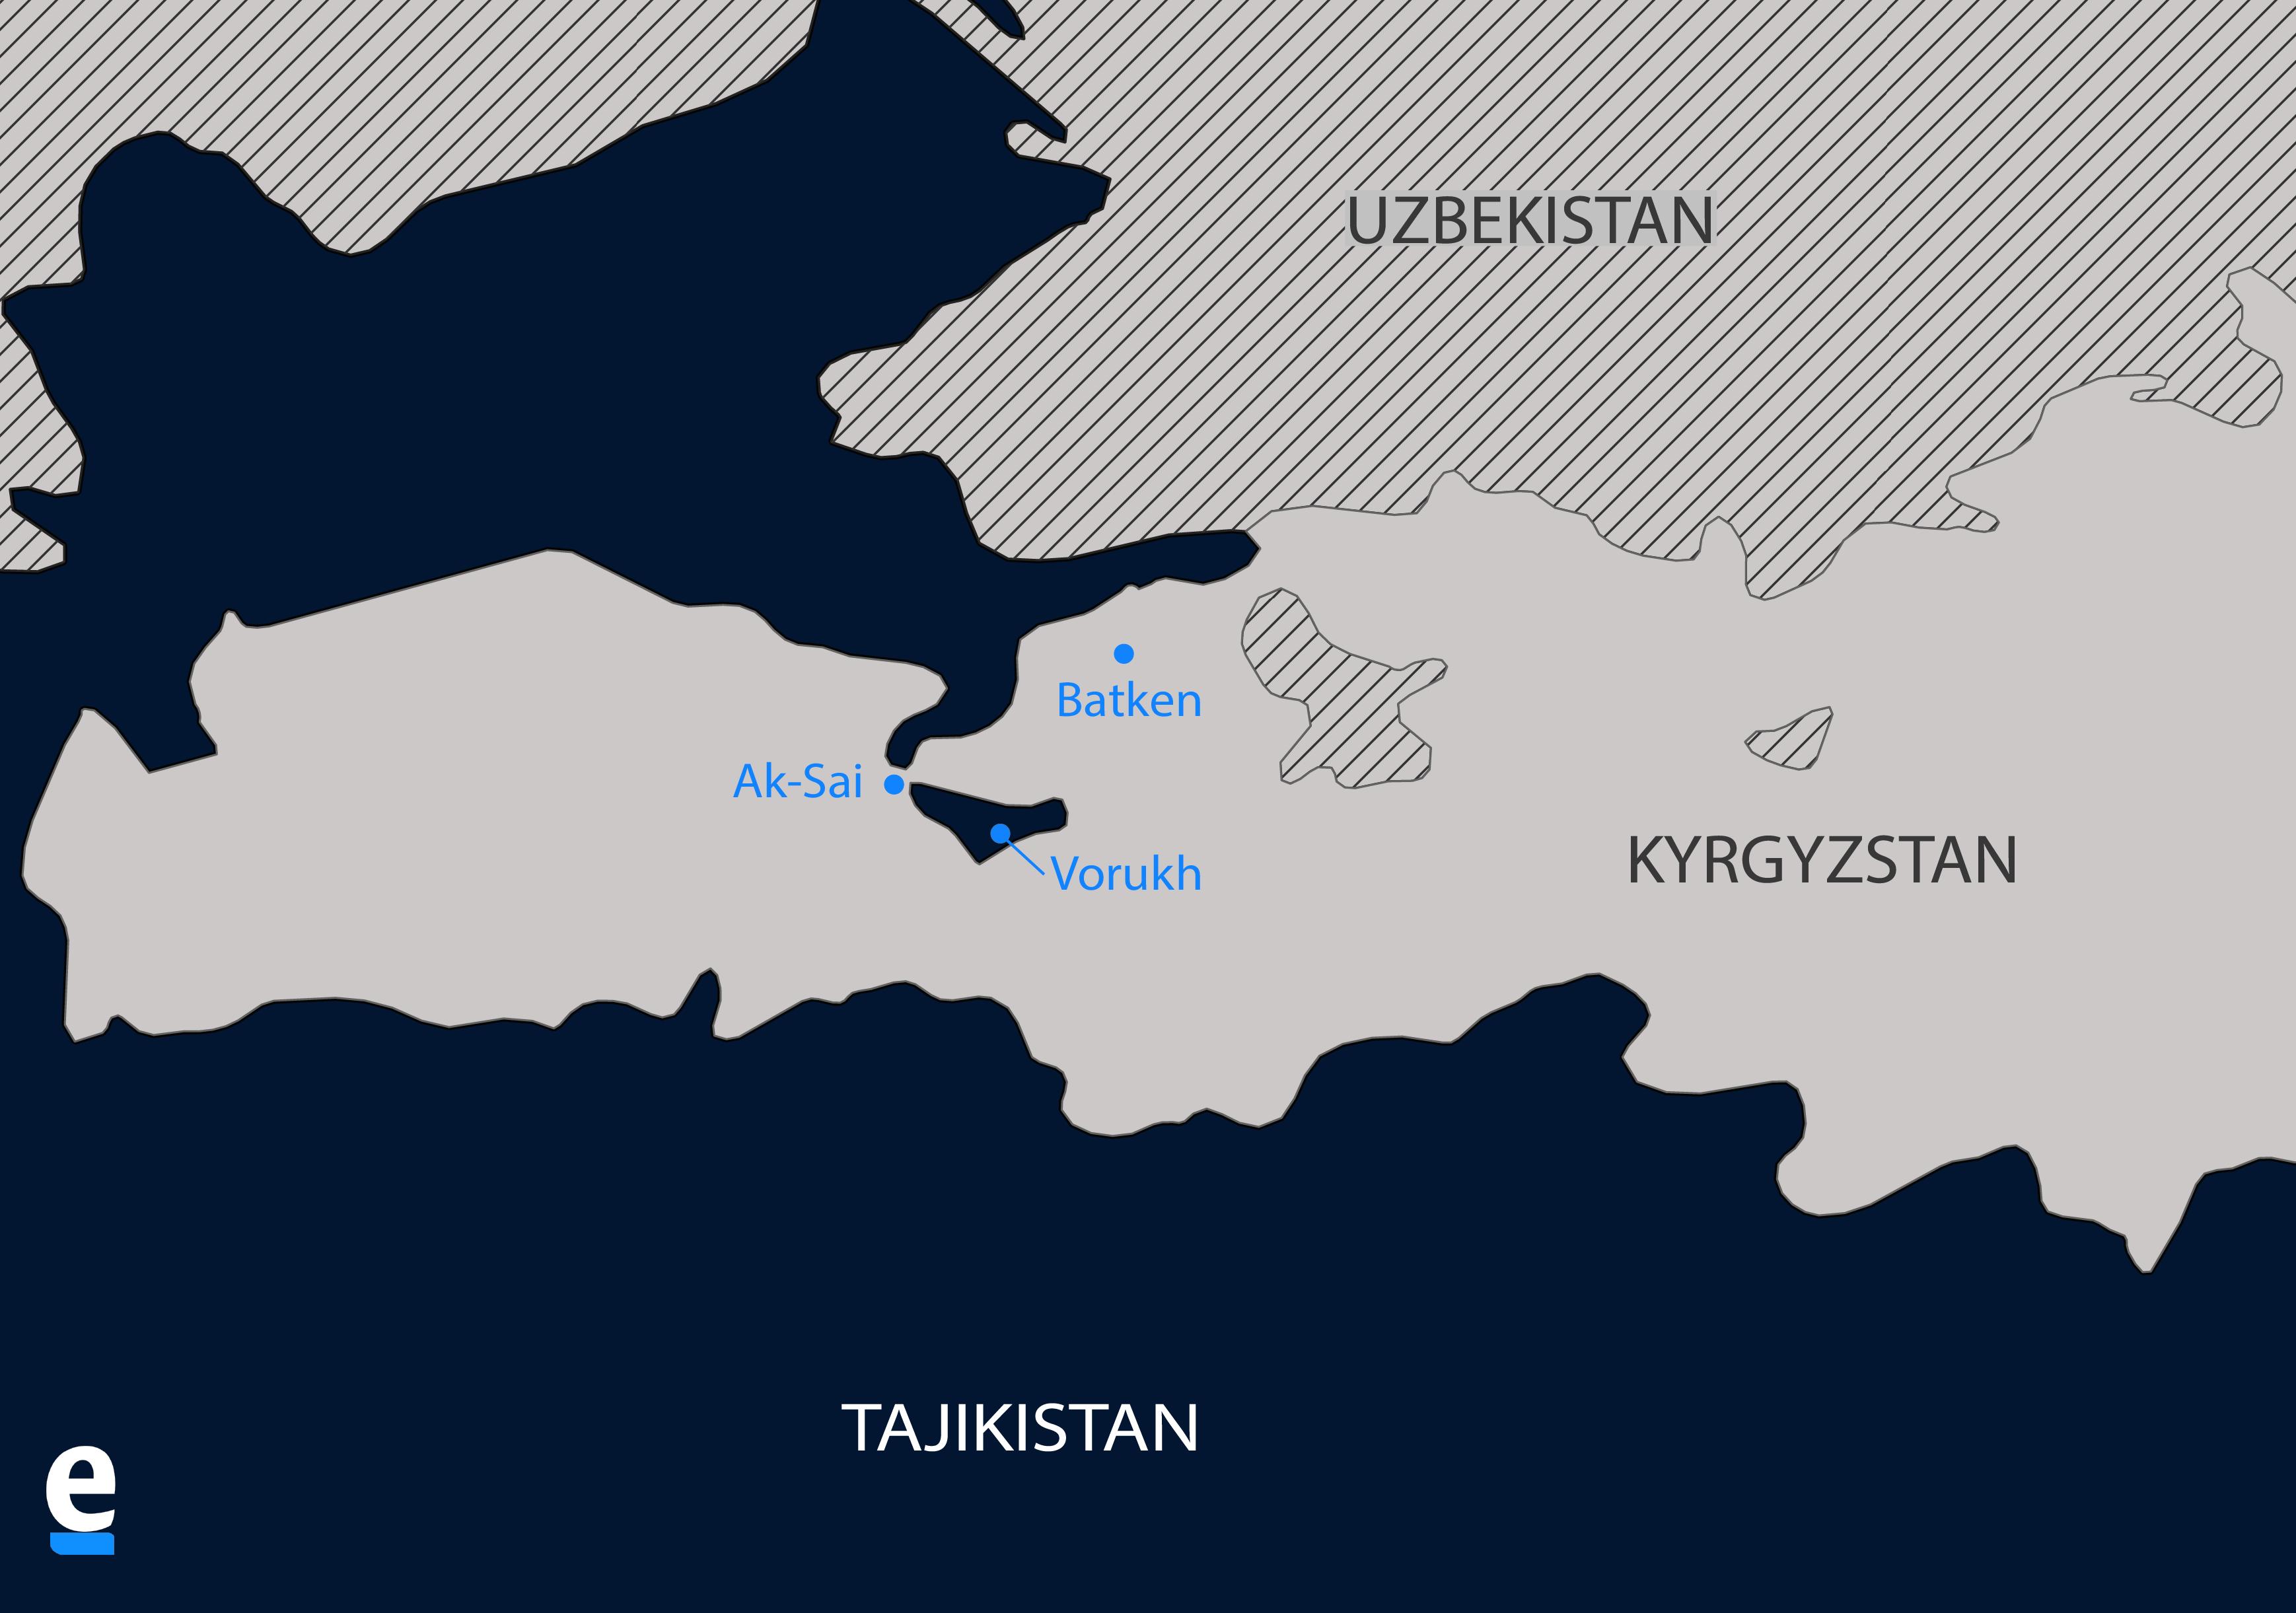 Vorukh map - Aliya Uteuova